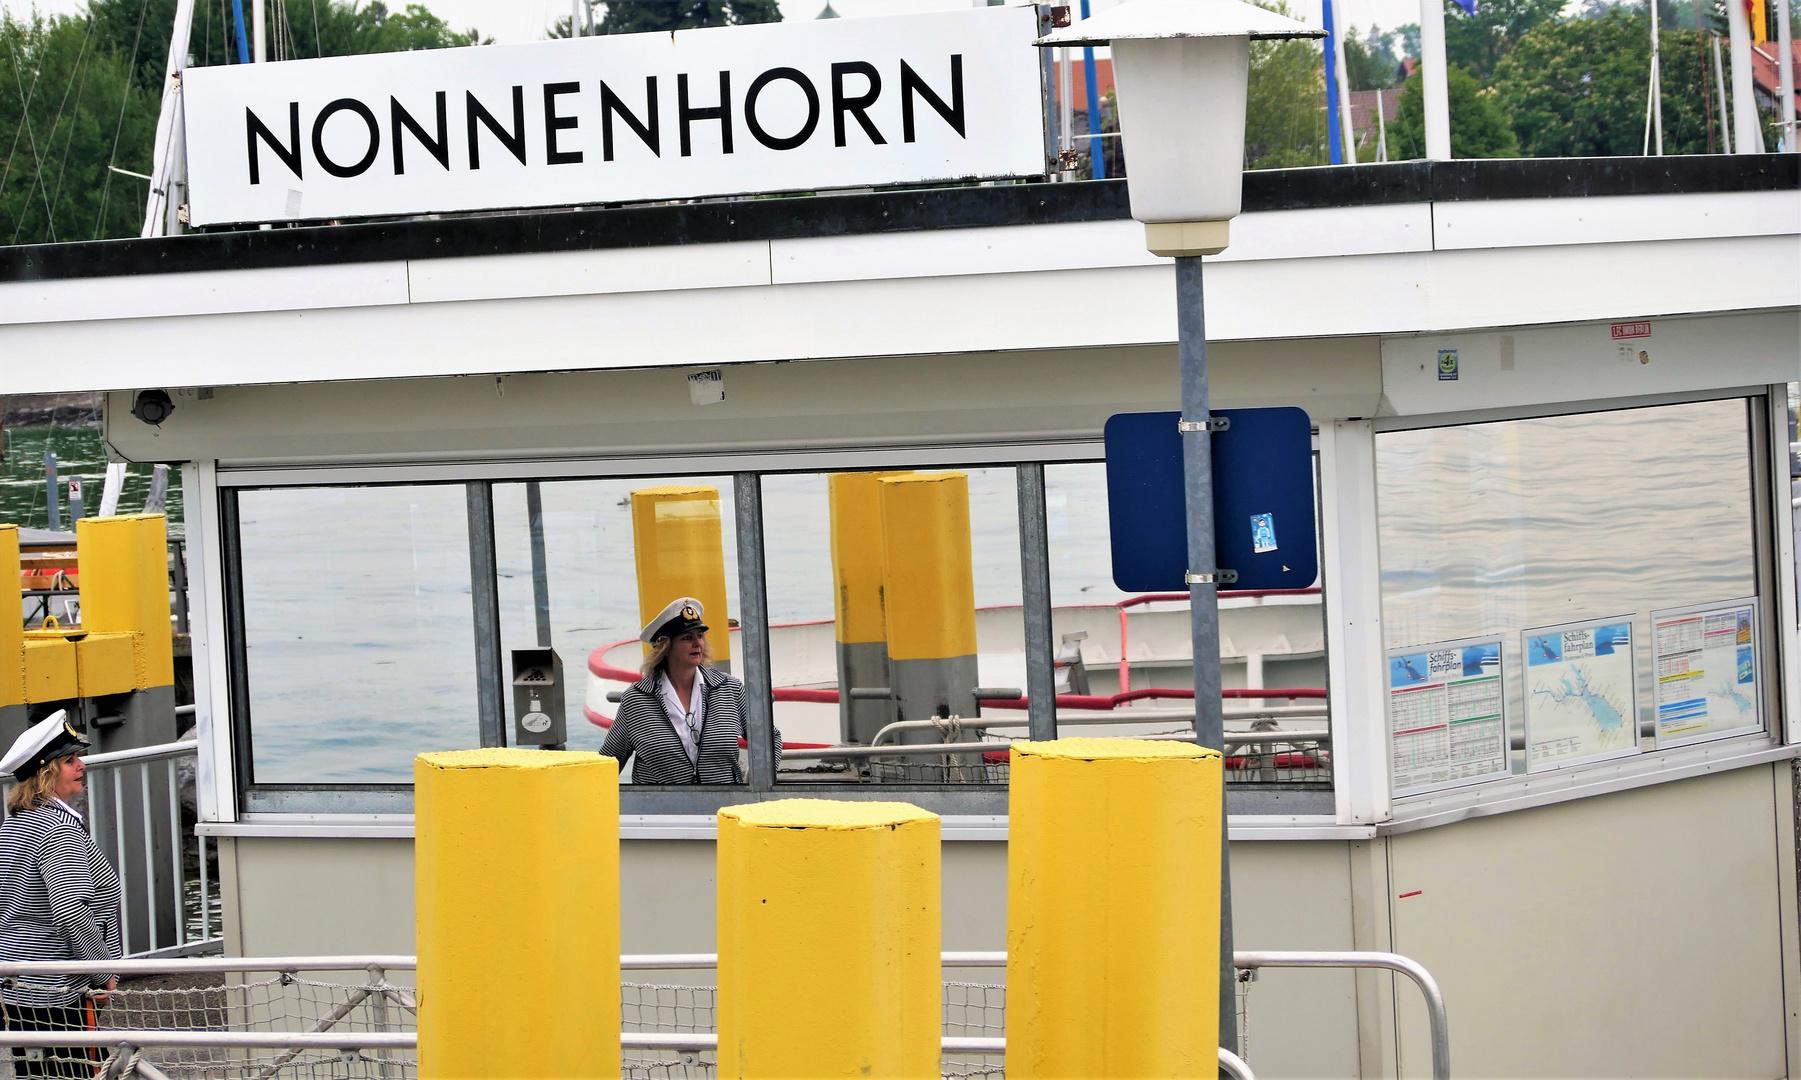 Nonnenhorn - ein perfektes Spiegelbild am Anleger oder gar ein Rückspiegel??